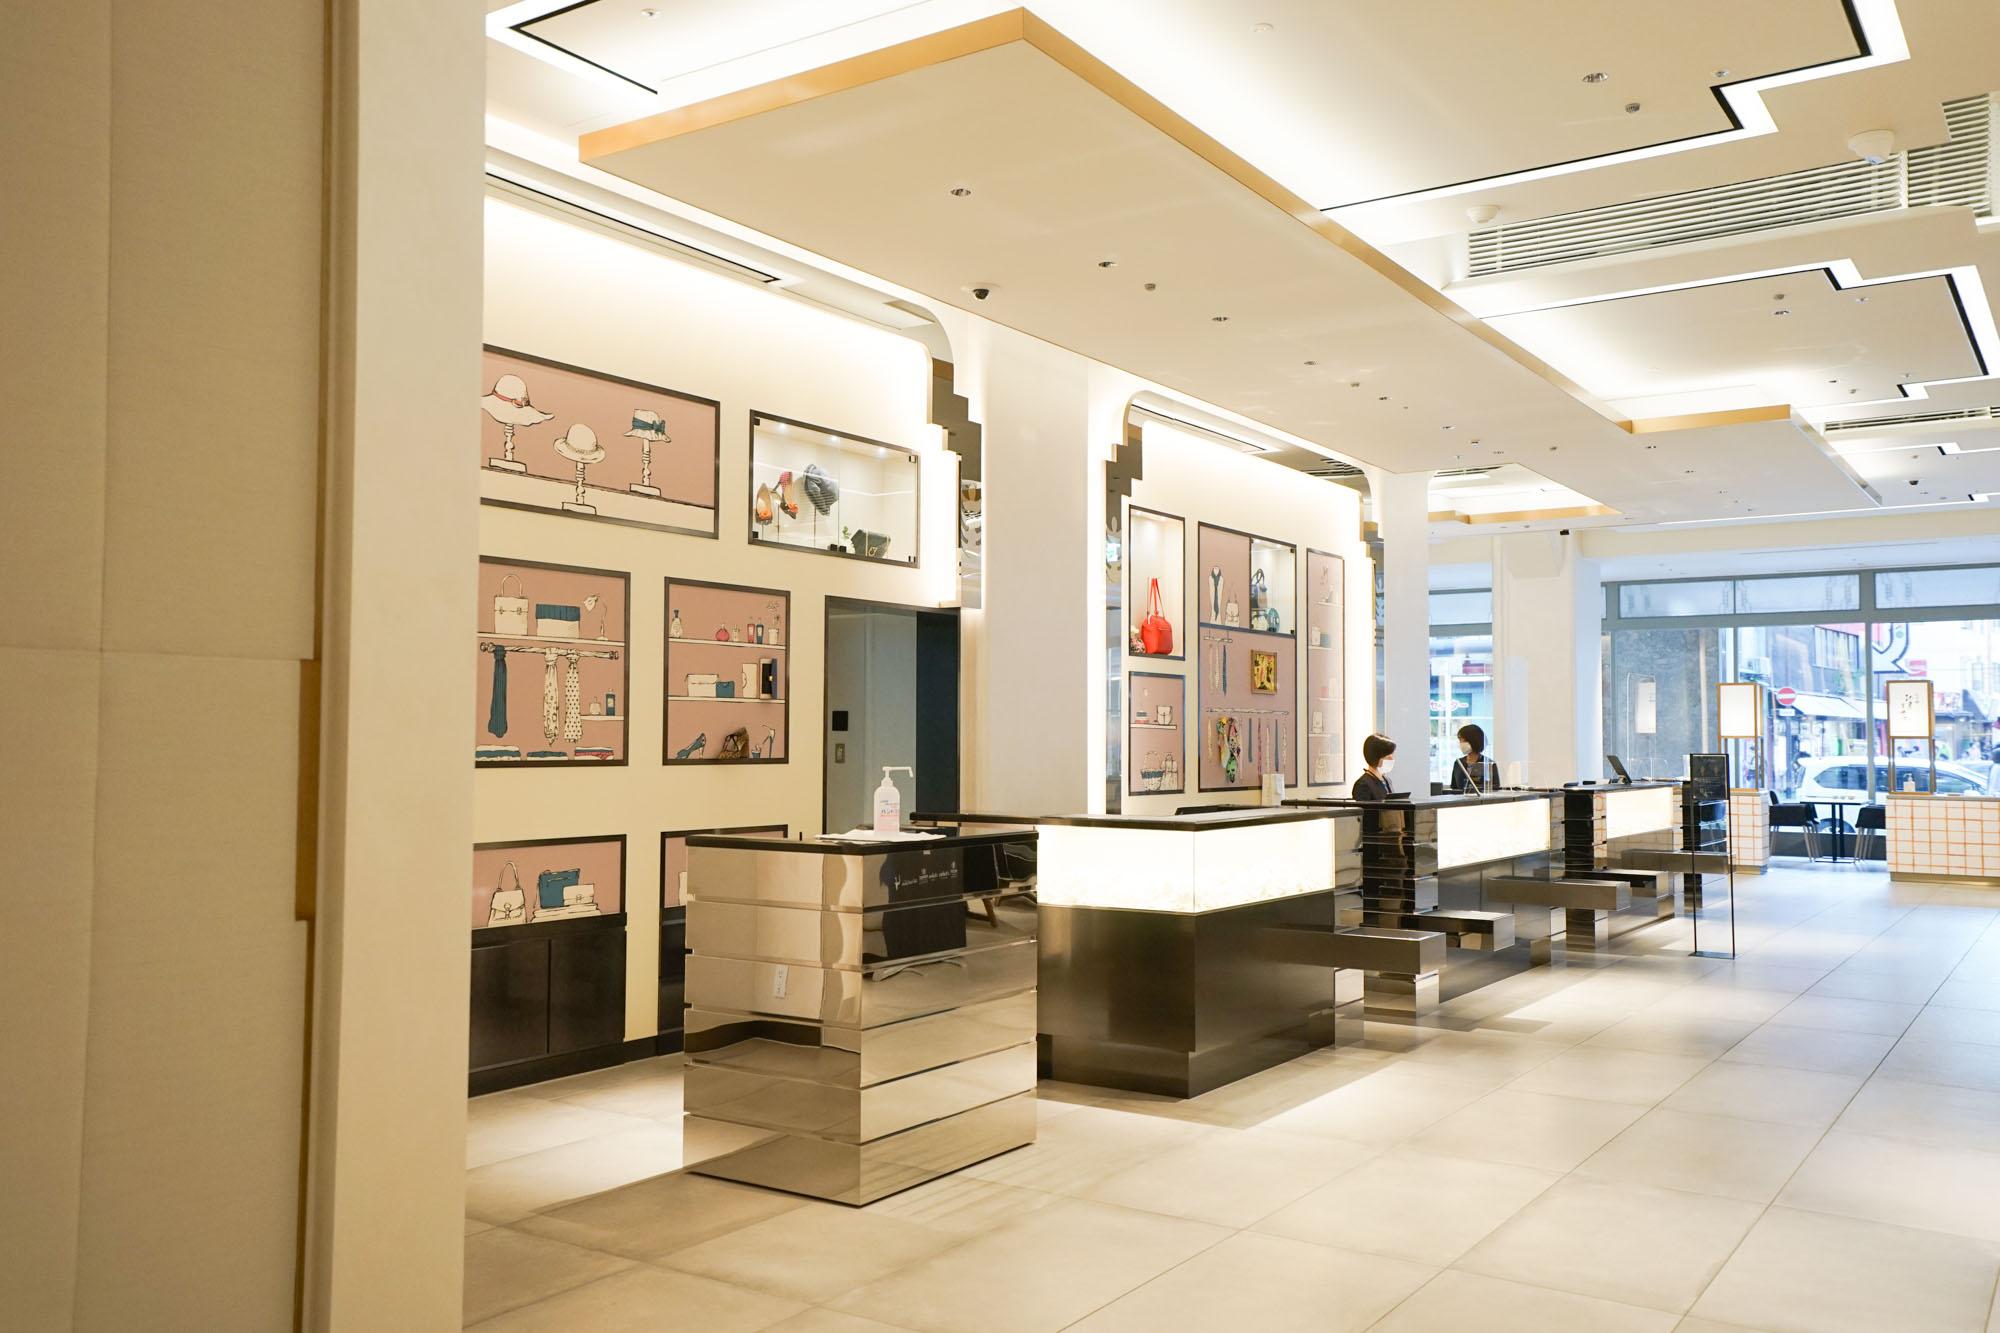 フロントロビーは、百貨店として営業していた頃の雰囲気を思わせるような仕掛けがたくさん施されています。